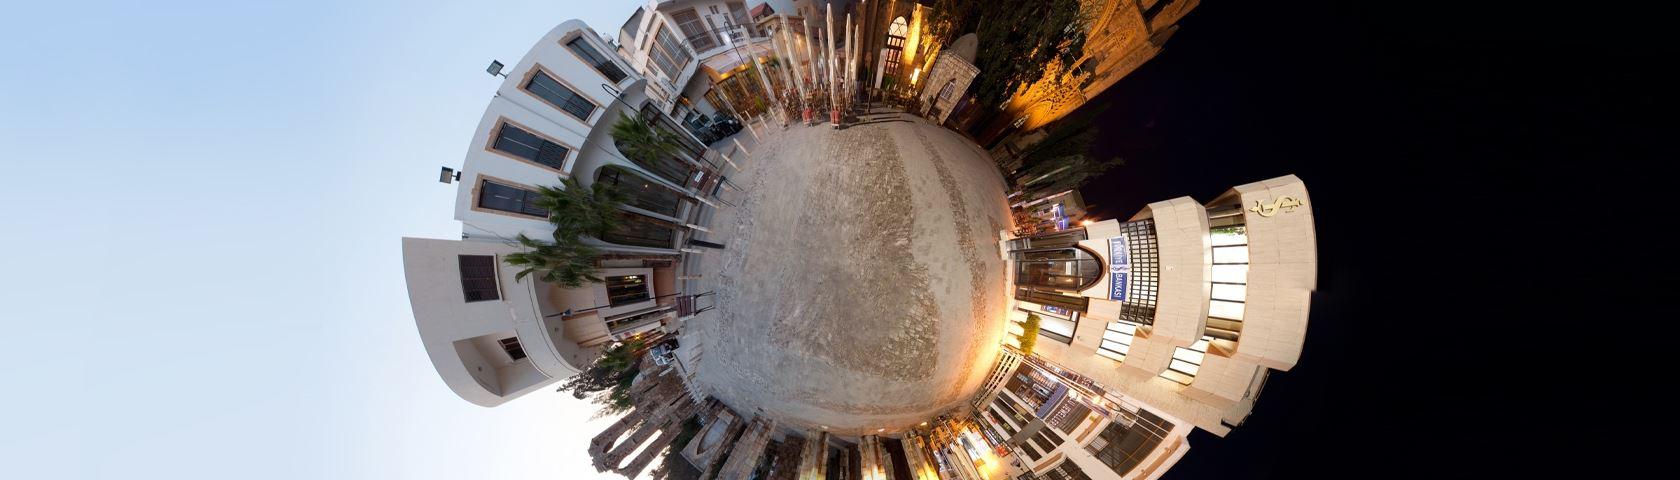 Namik Kemal Square